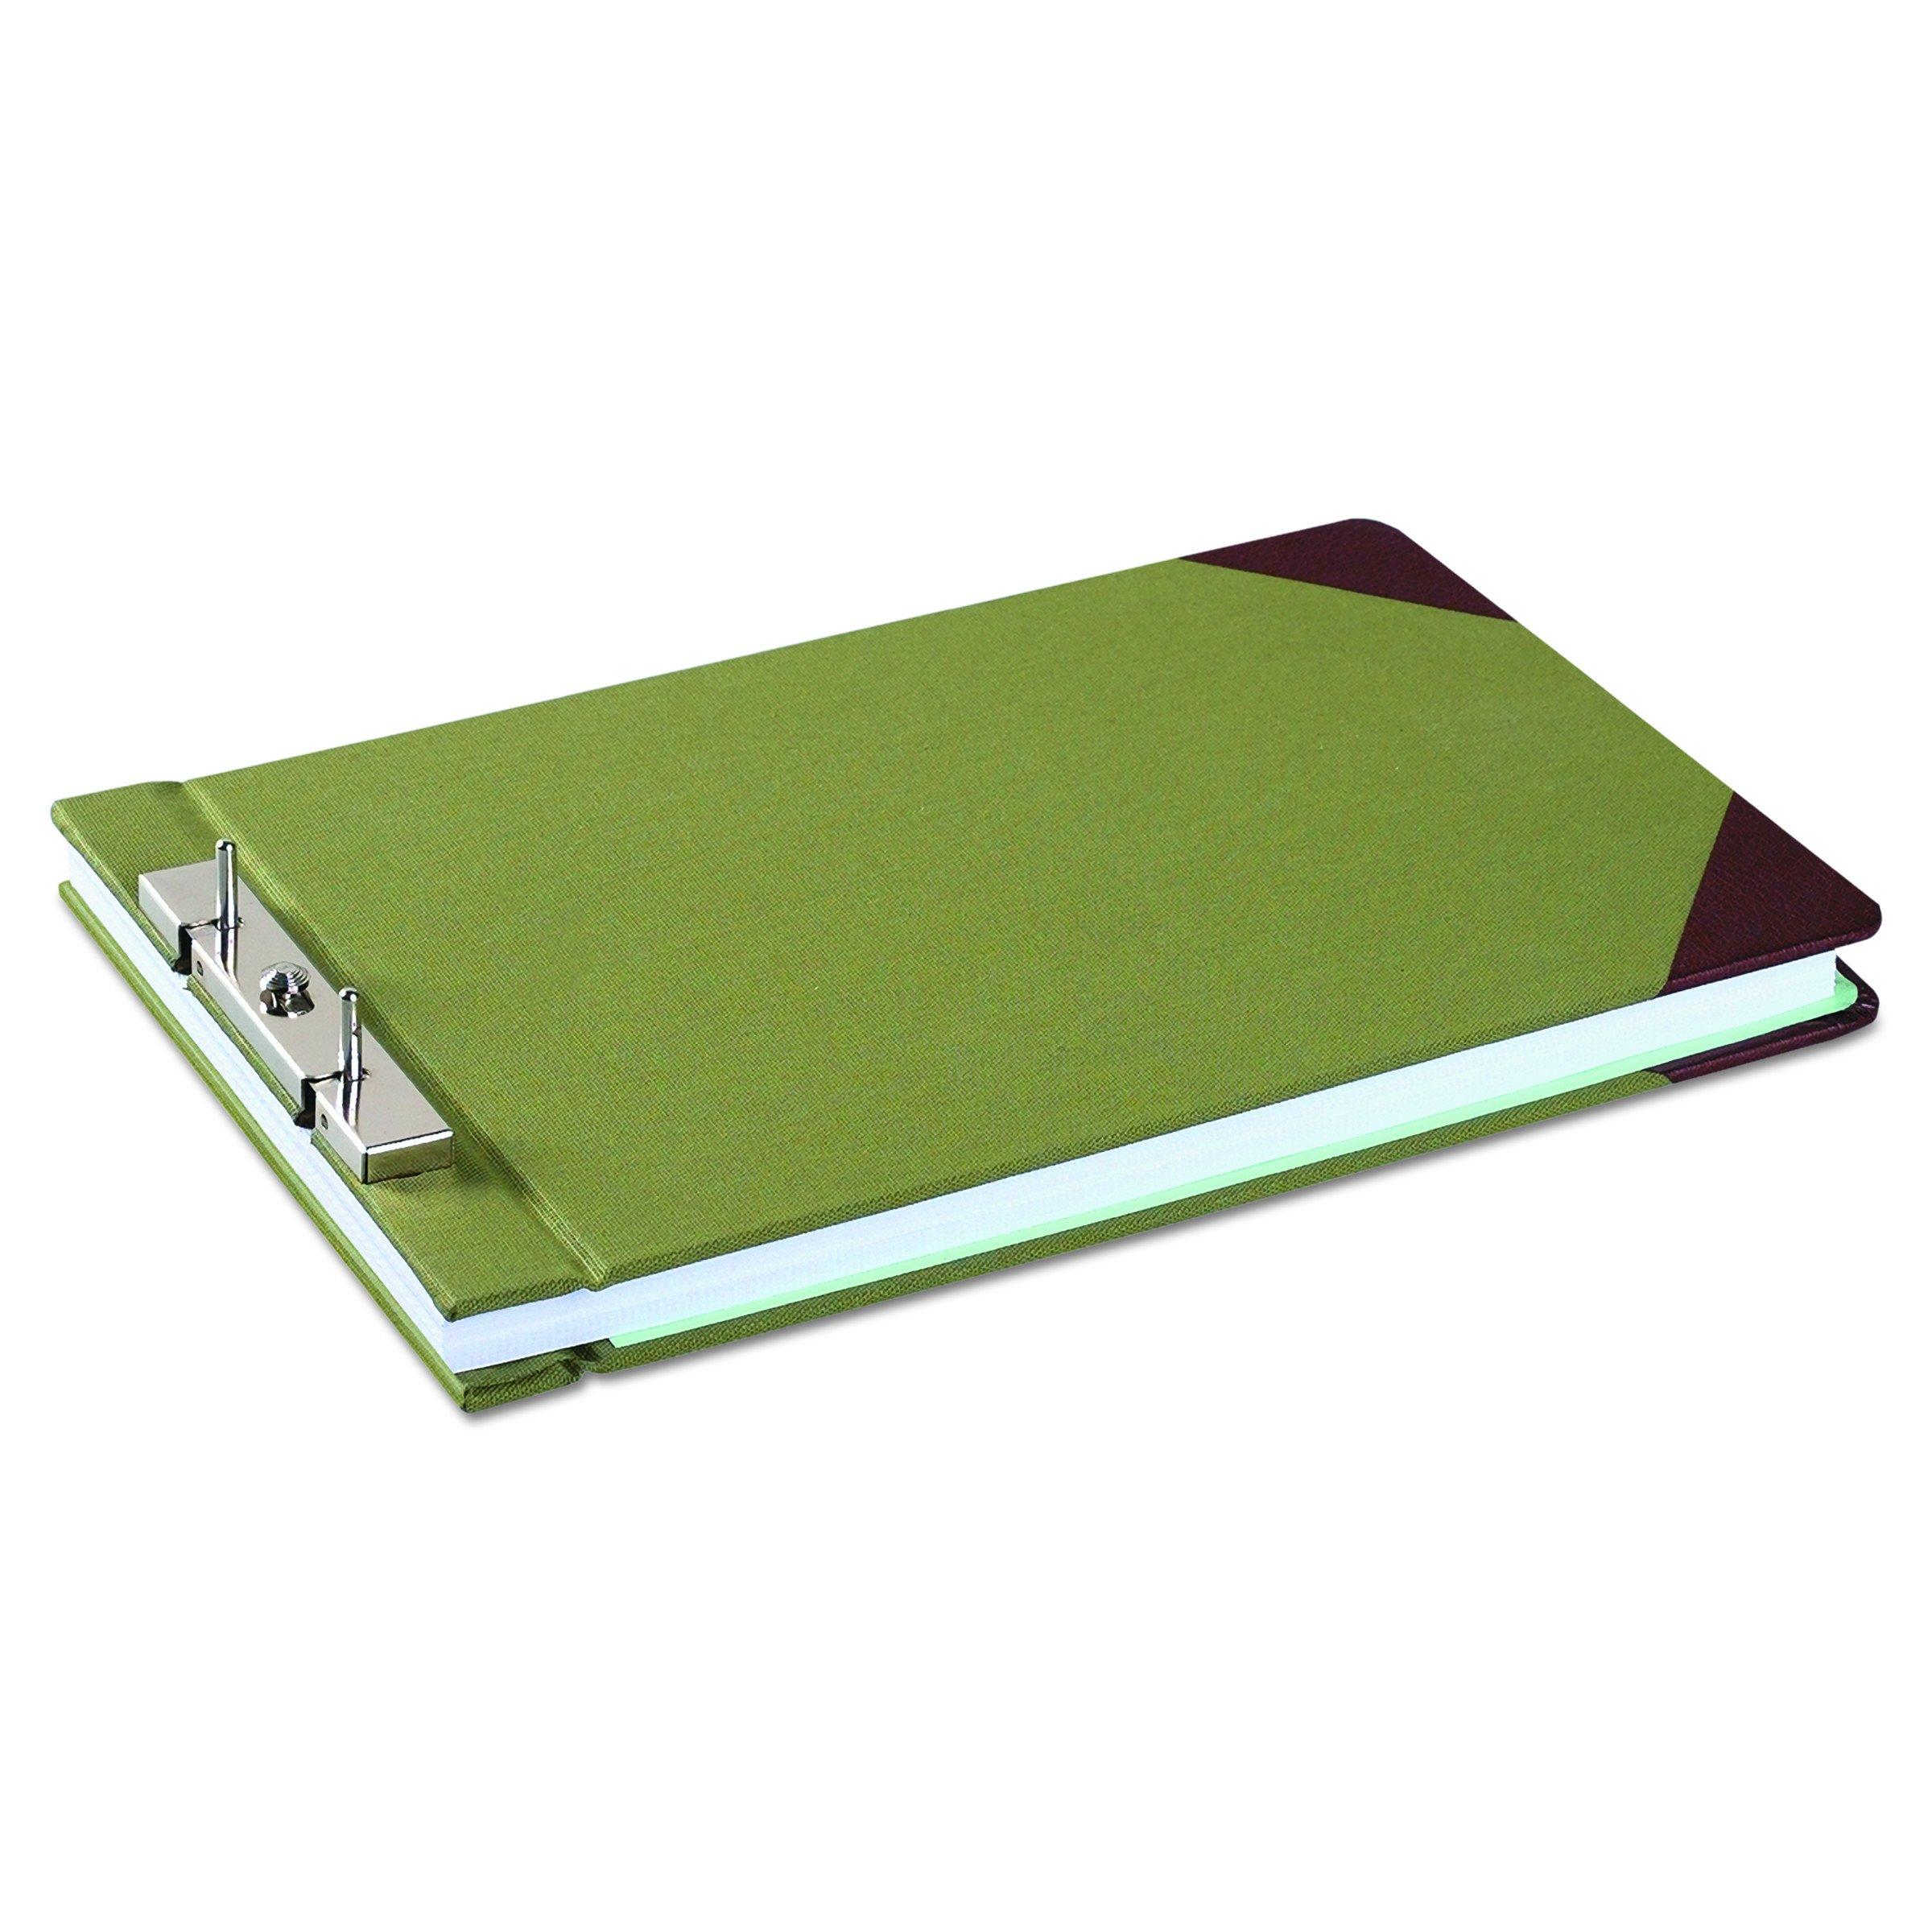 Wilson Jones 27831 Canvas Sectional Storage Post Binder, 3'' Cap, 8 1/2 x 14, Green by Wilson Jones